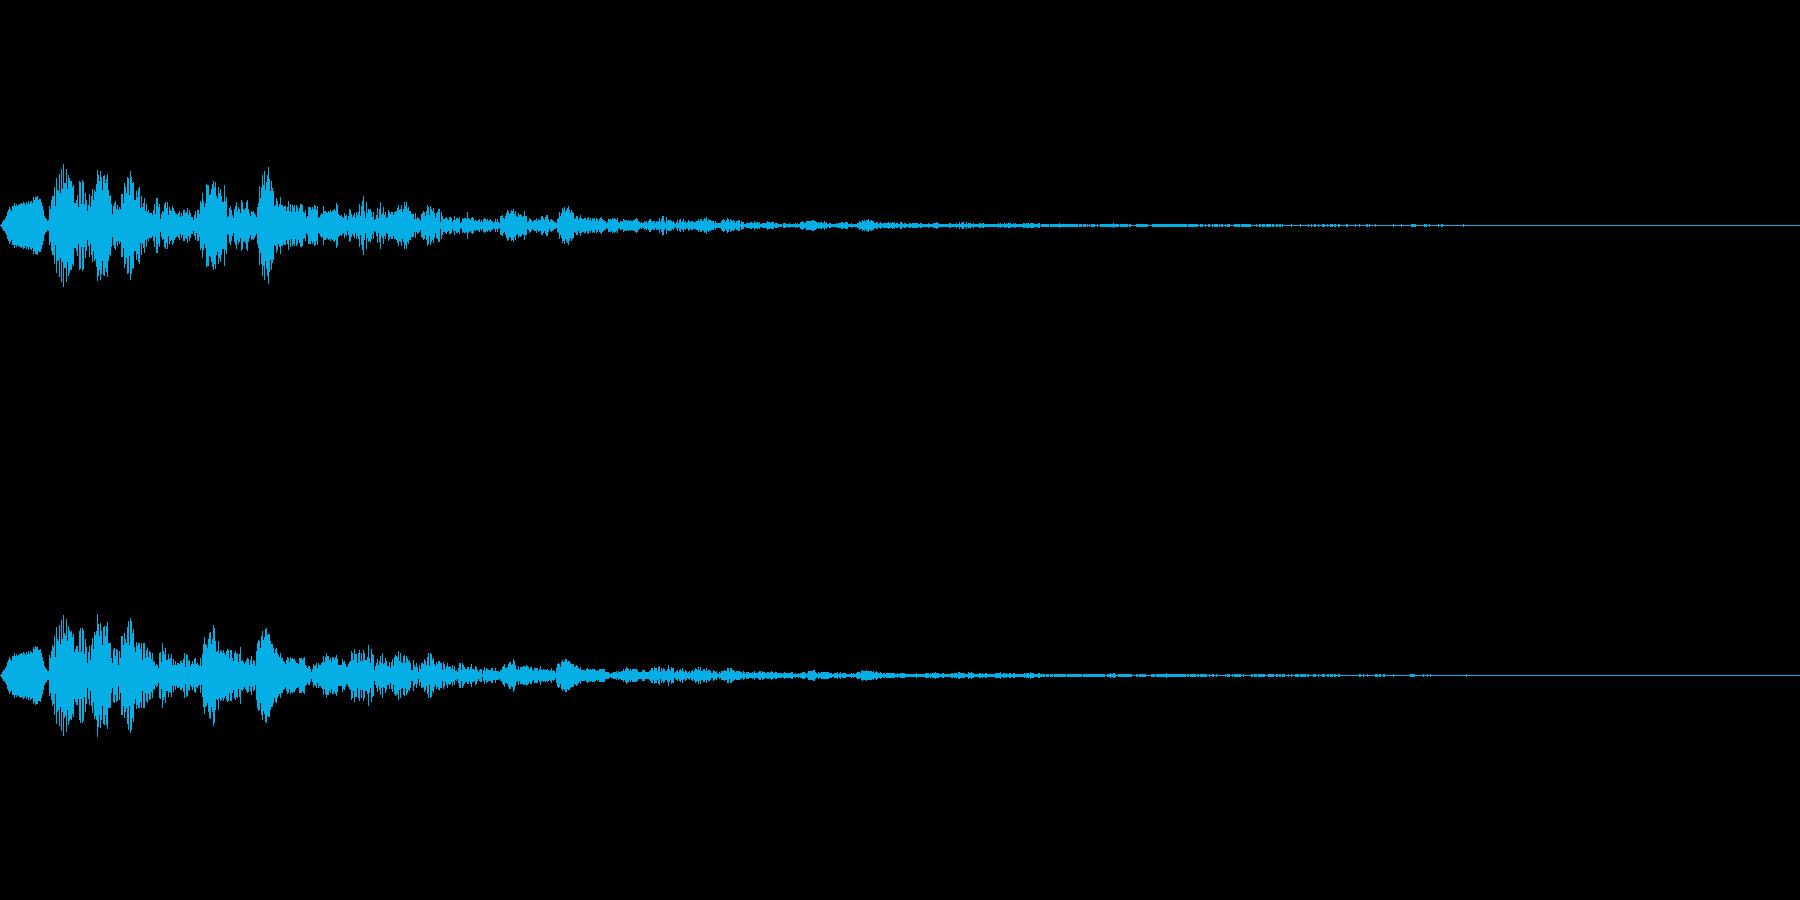 不吉な予兆の再生済みの波形